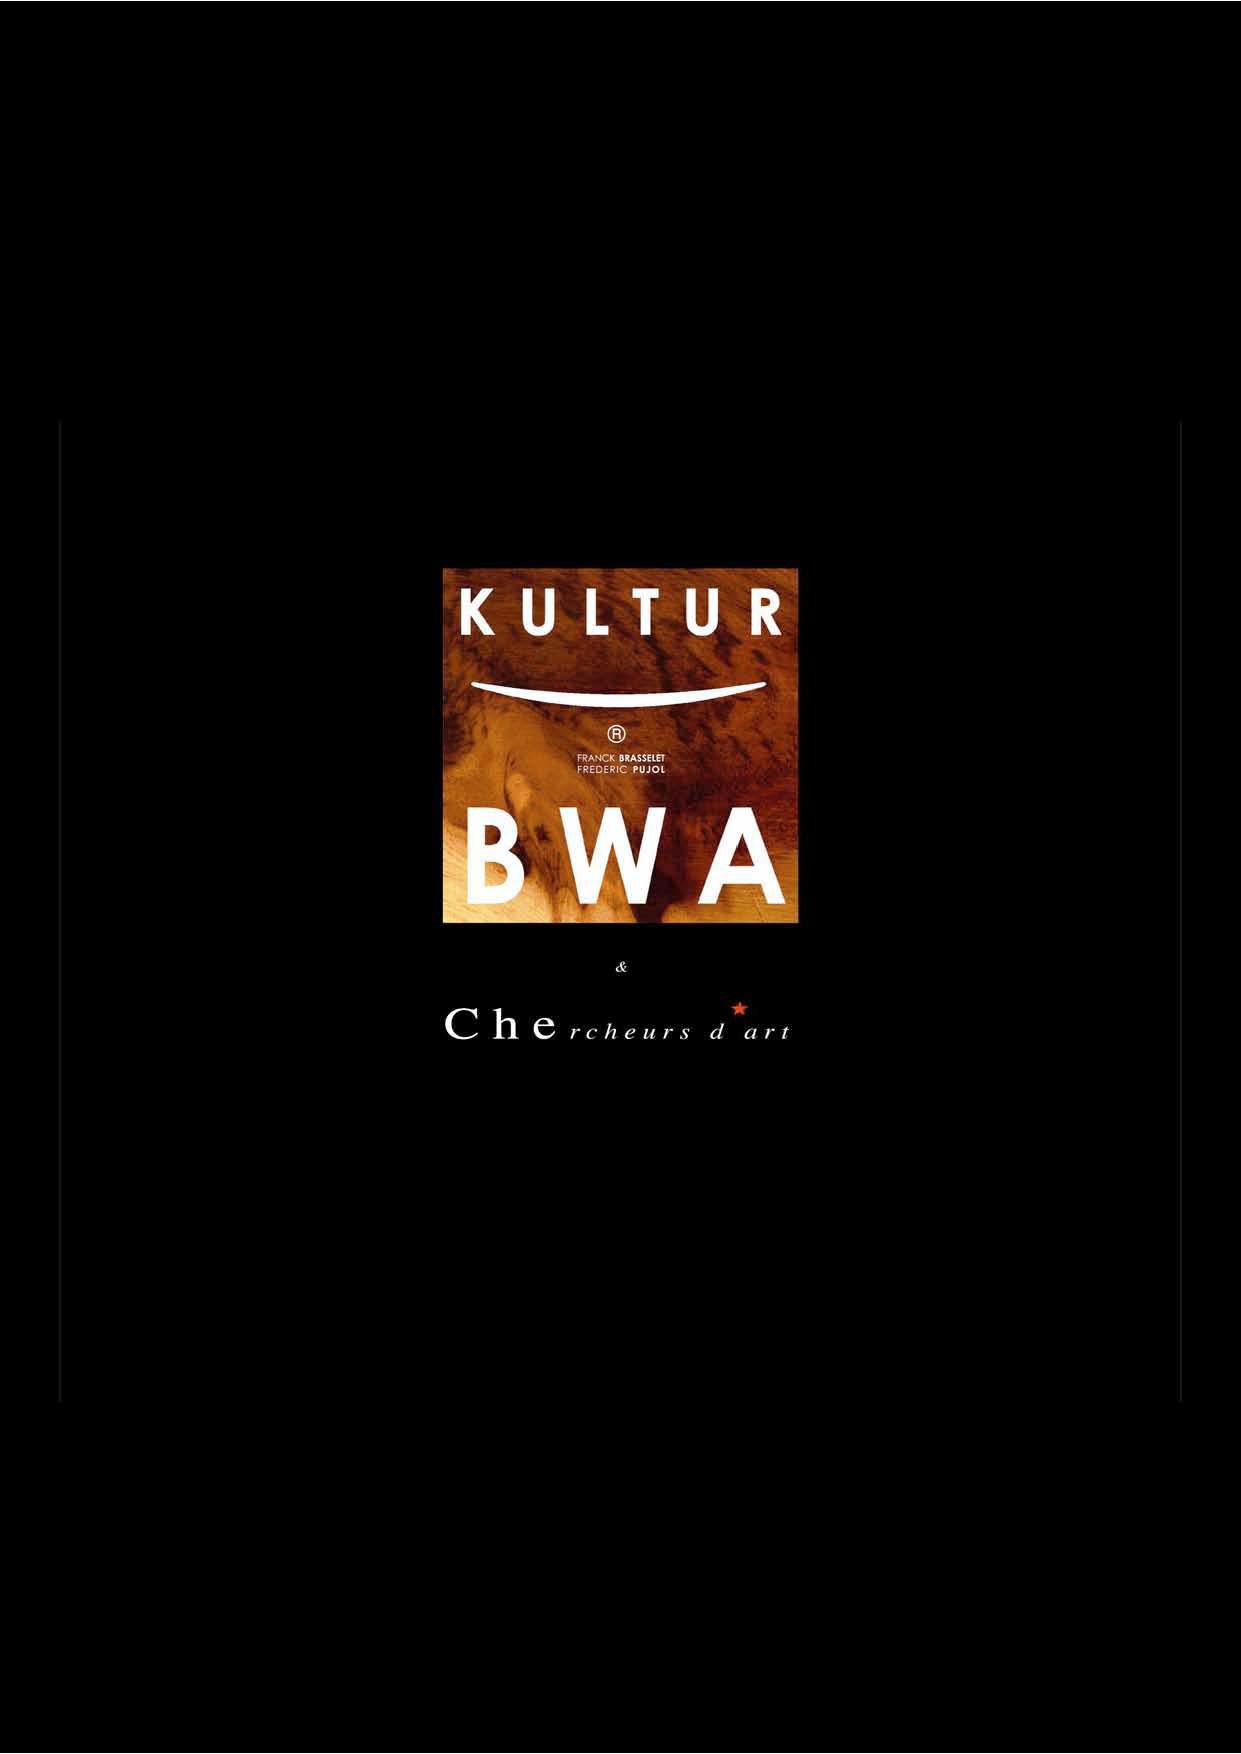 kulturbwa_page_01